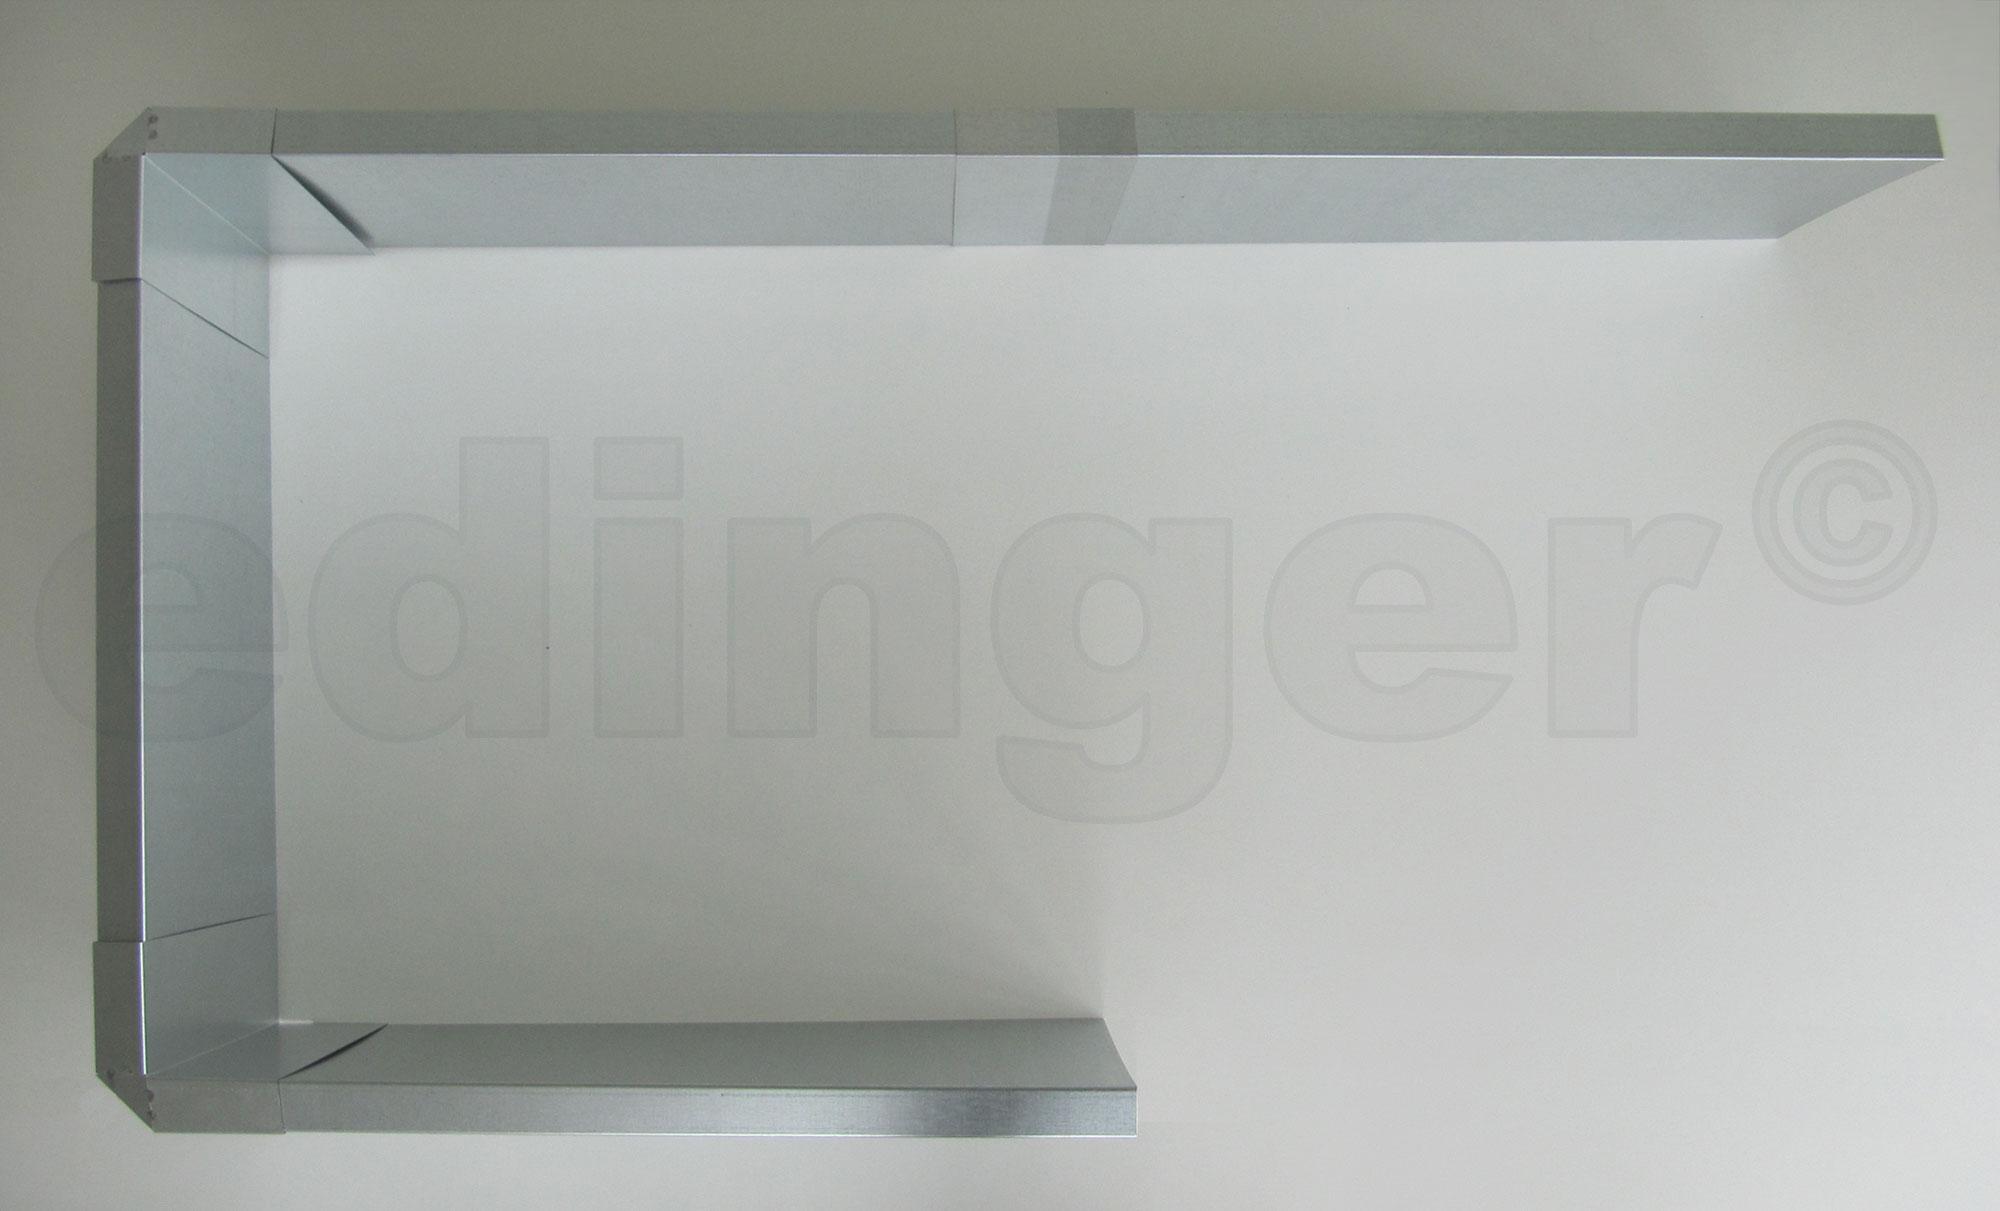 Schneckenzaun / Schneckenblech Metall für 2 m² Set Bild 2